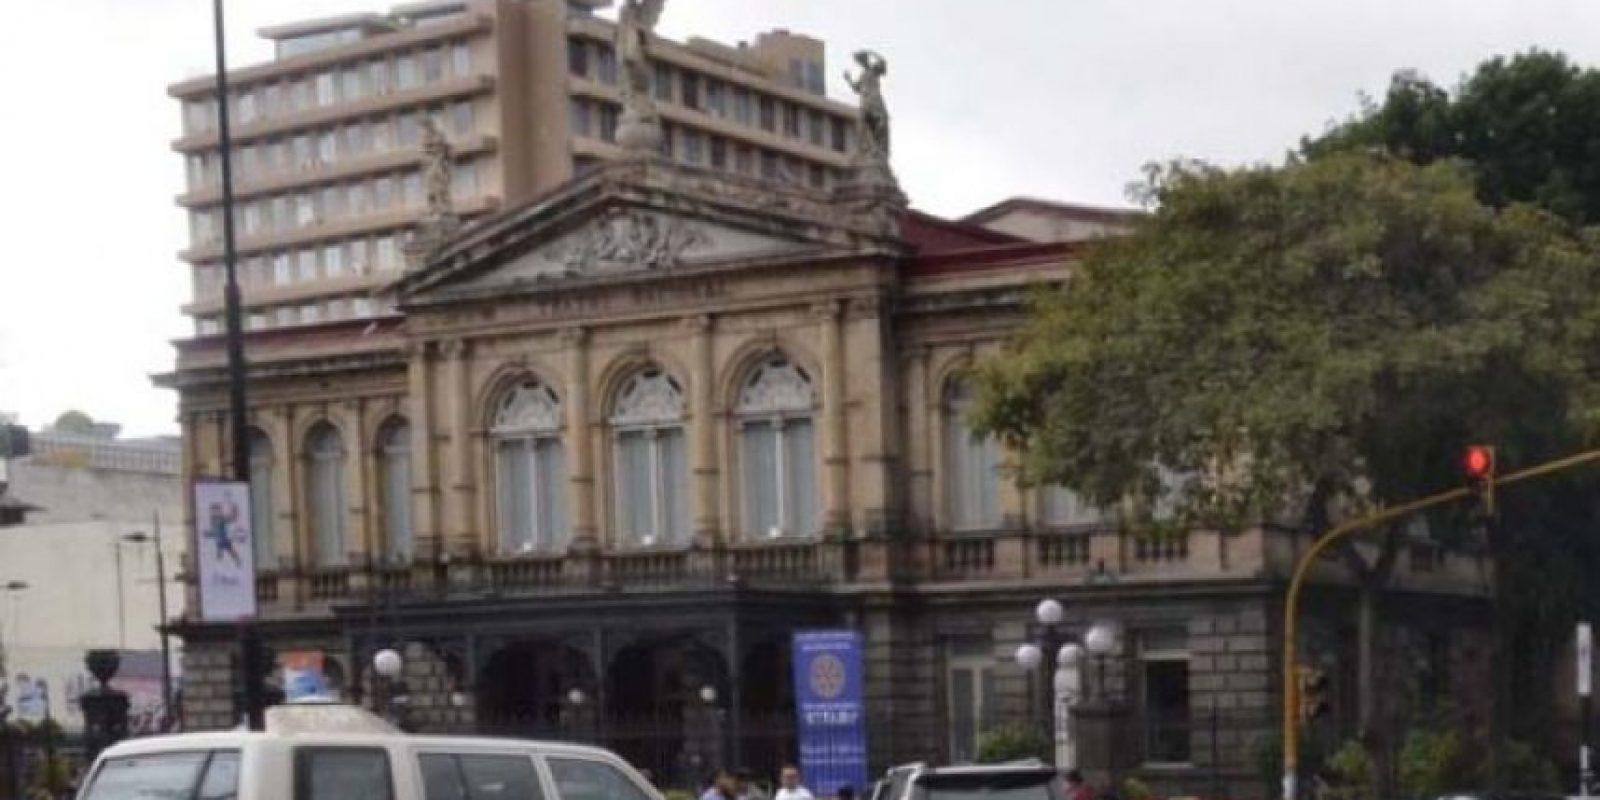 El Teatro Nacional está ubicado la avenida segunda entre calle 3 y 5, en el distrito Catedral. Foto:Mynor Arita, enviado especial